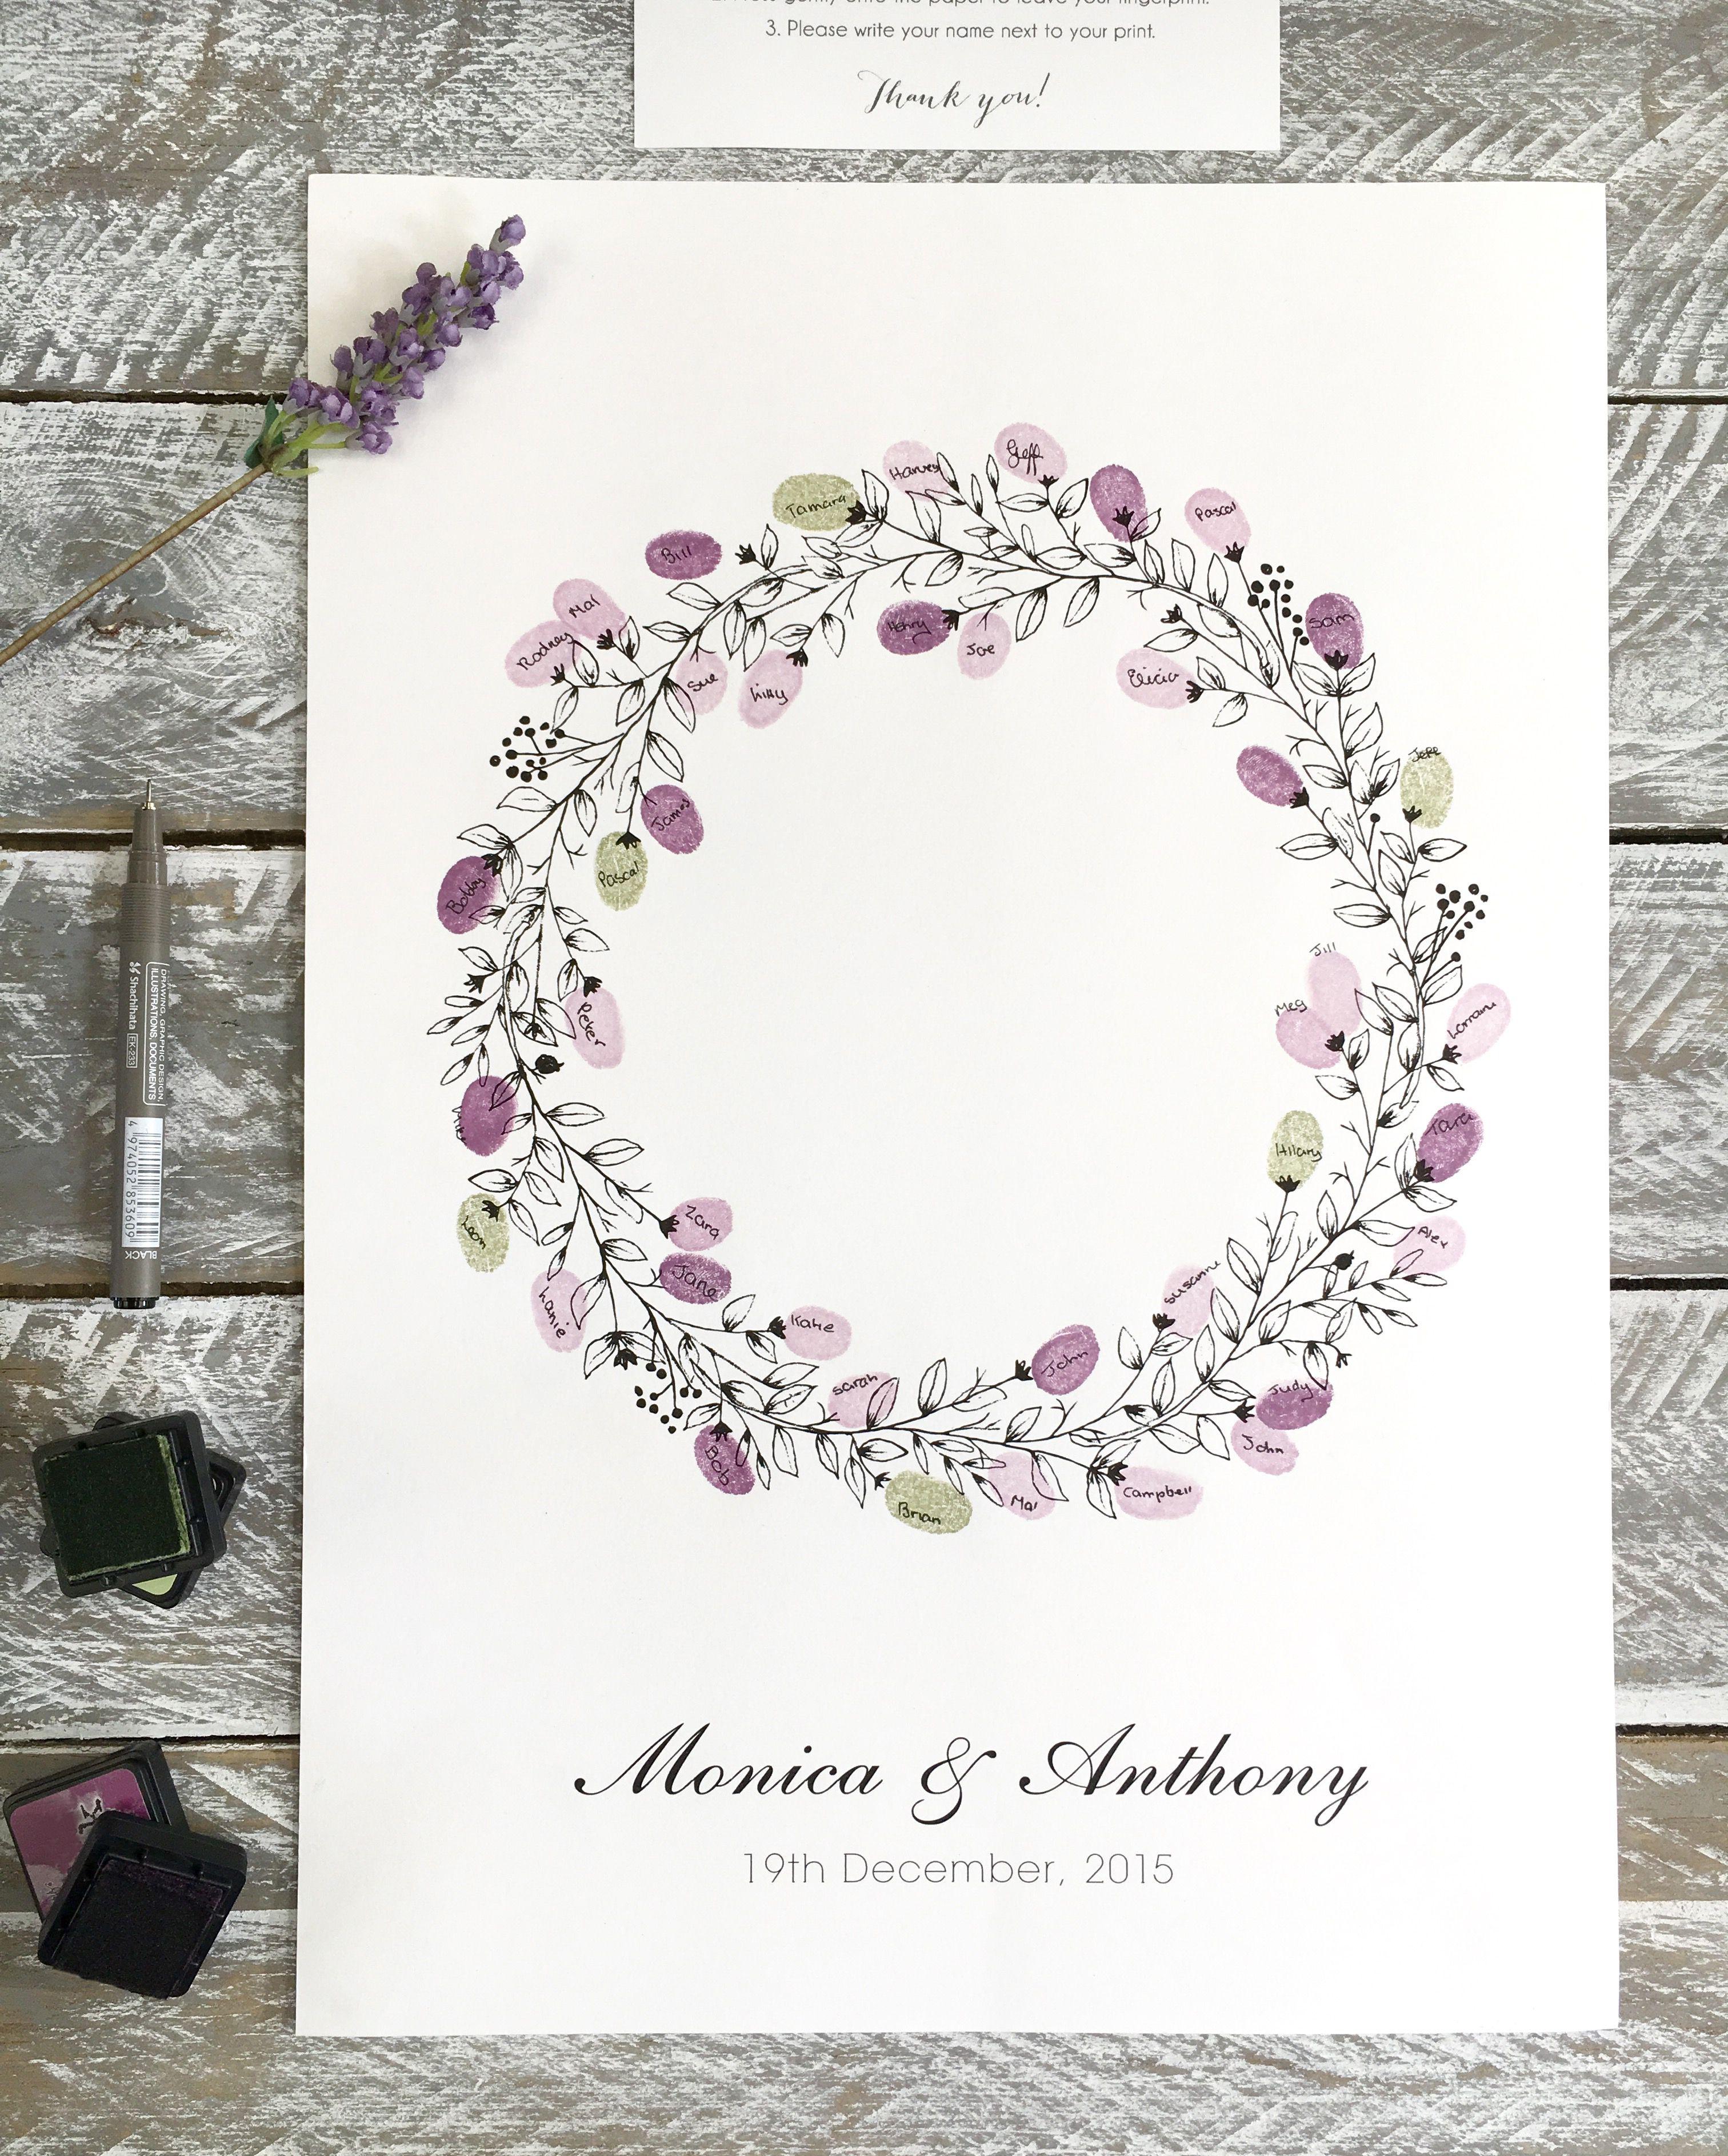 wreath guest fingerprint guest book for weddings birthdays naming days etc fingerprint guest